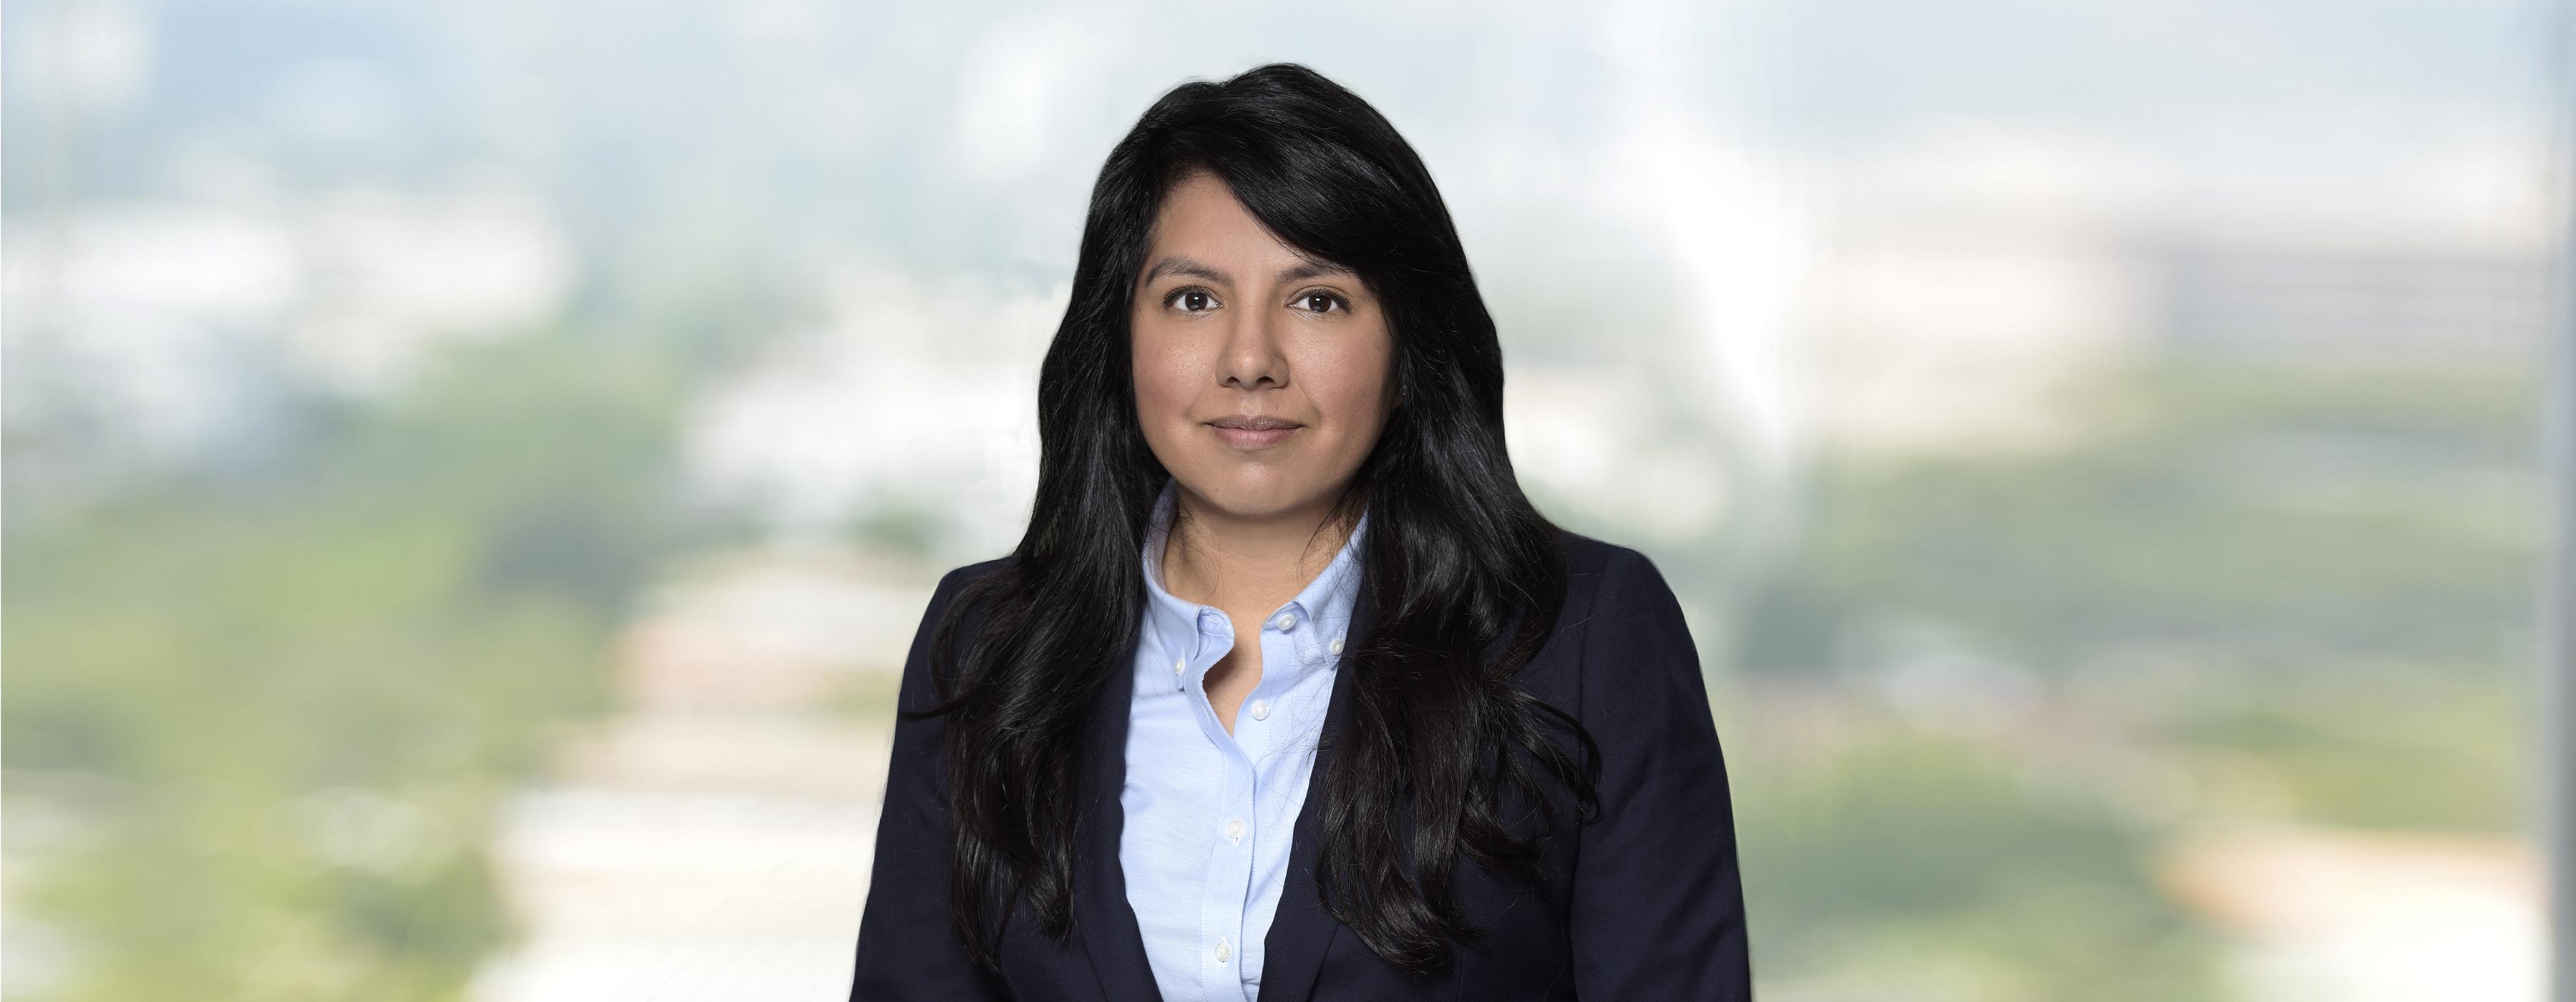 Alexis Fragosa